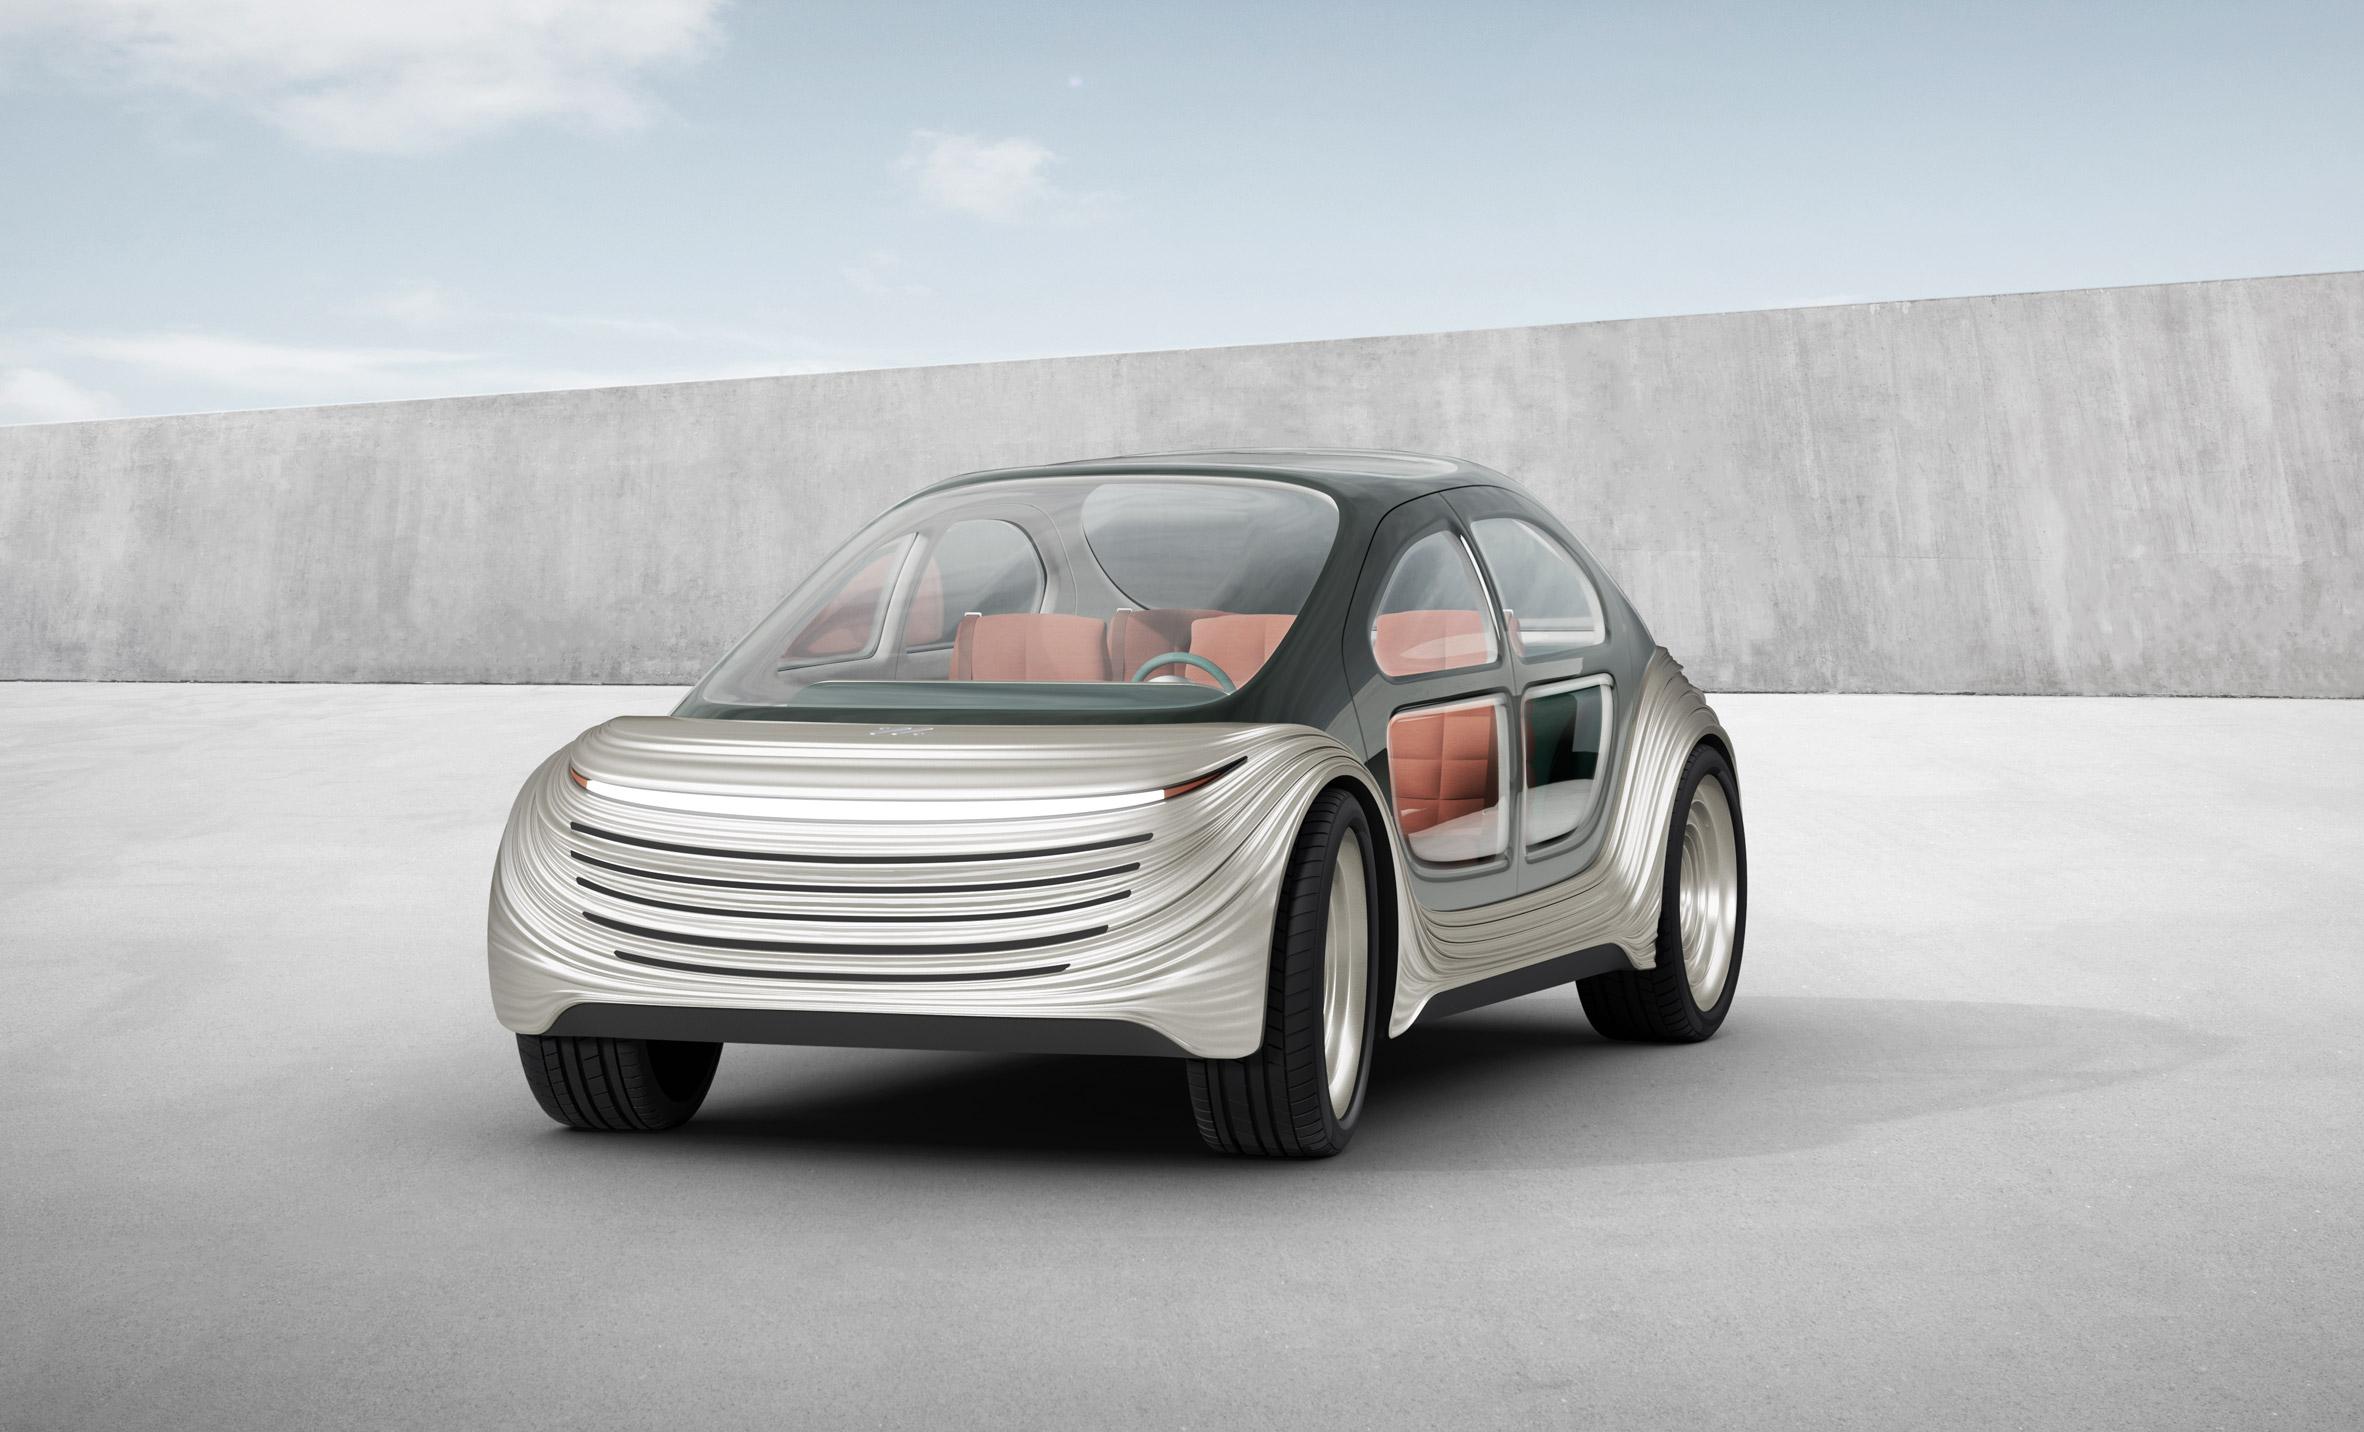 Airo автомобиль который чистит воздух